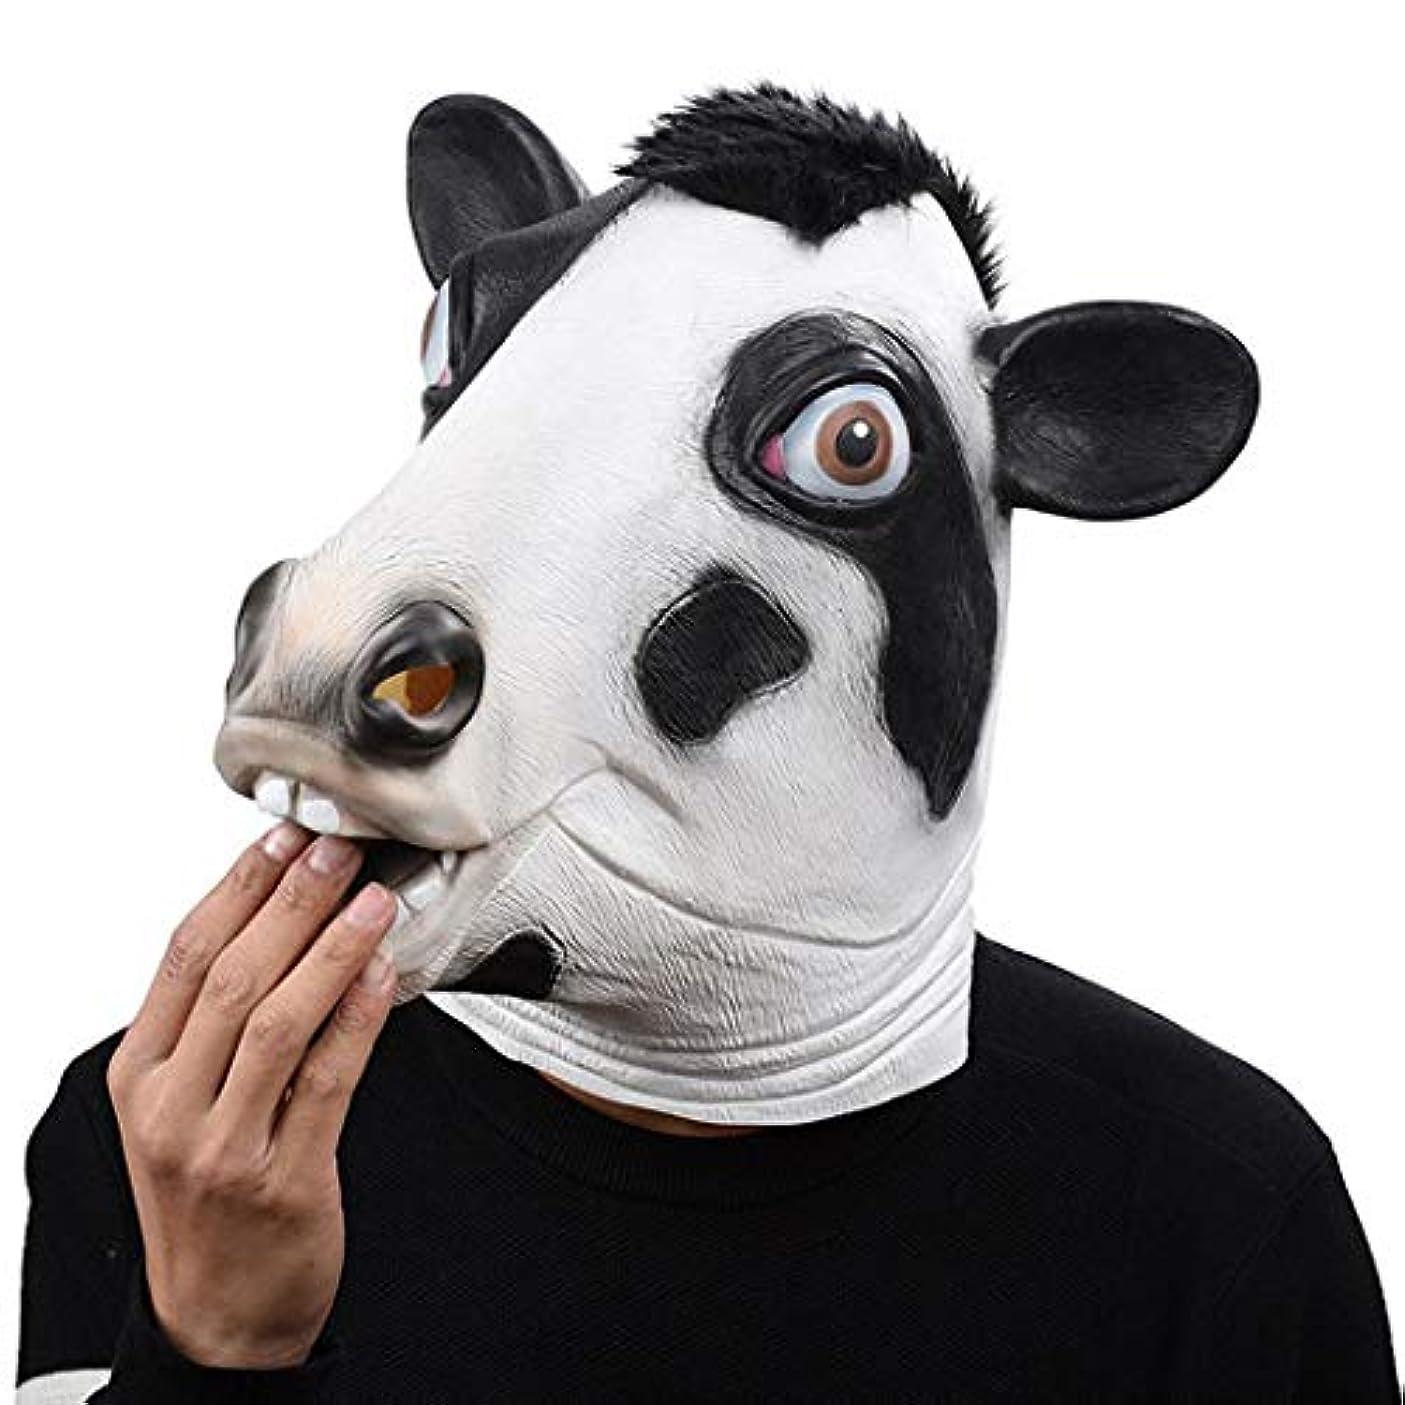 聴覚障害者勝者目指すハロウィンマスククリスマスボール牛スタイリングマスクパーティーマスクゲーム面白いパーティー用品